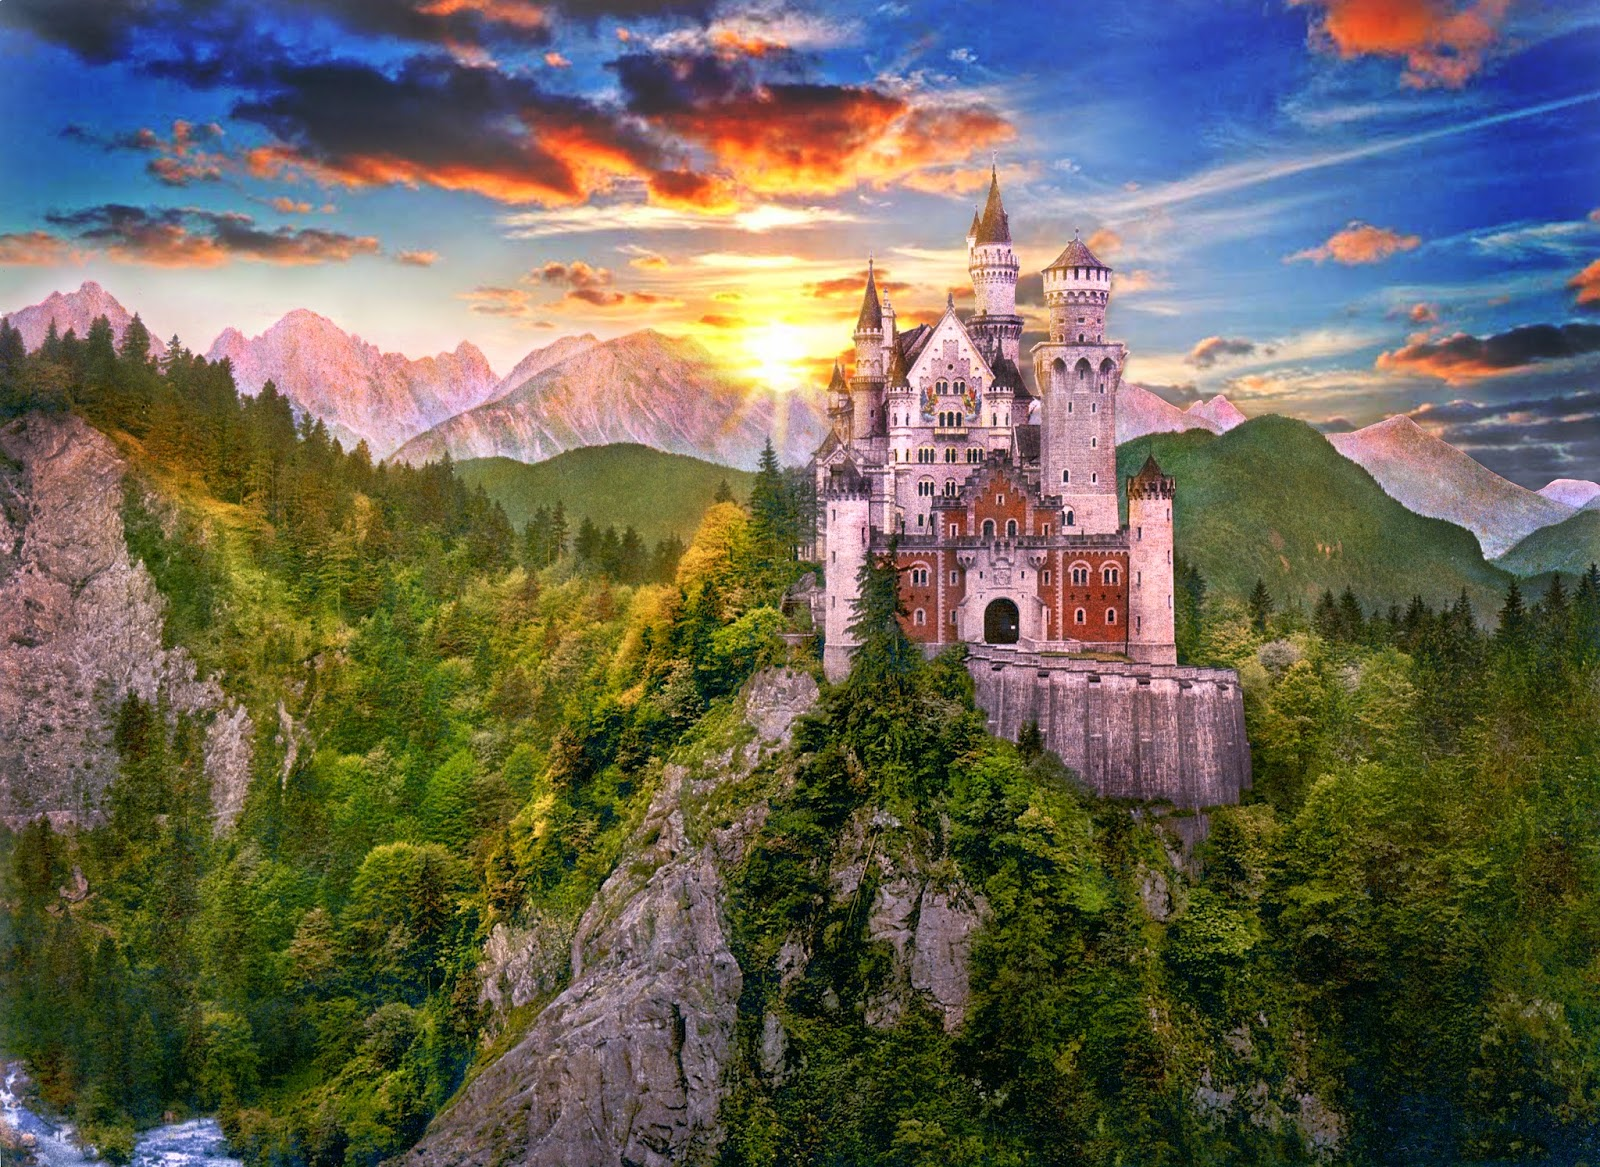 картинки огромных замков какими оттенками